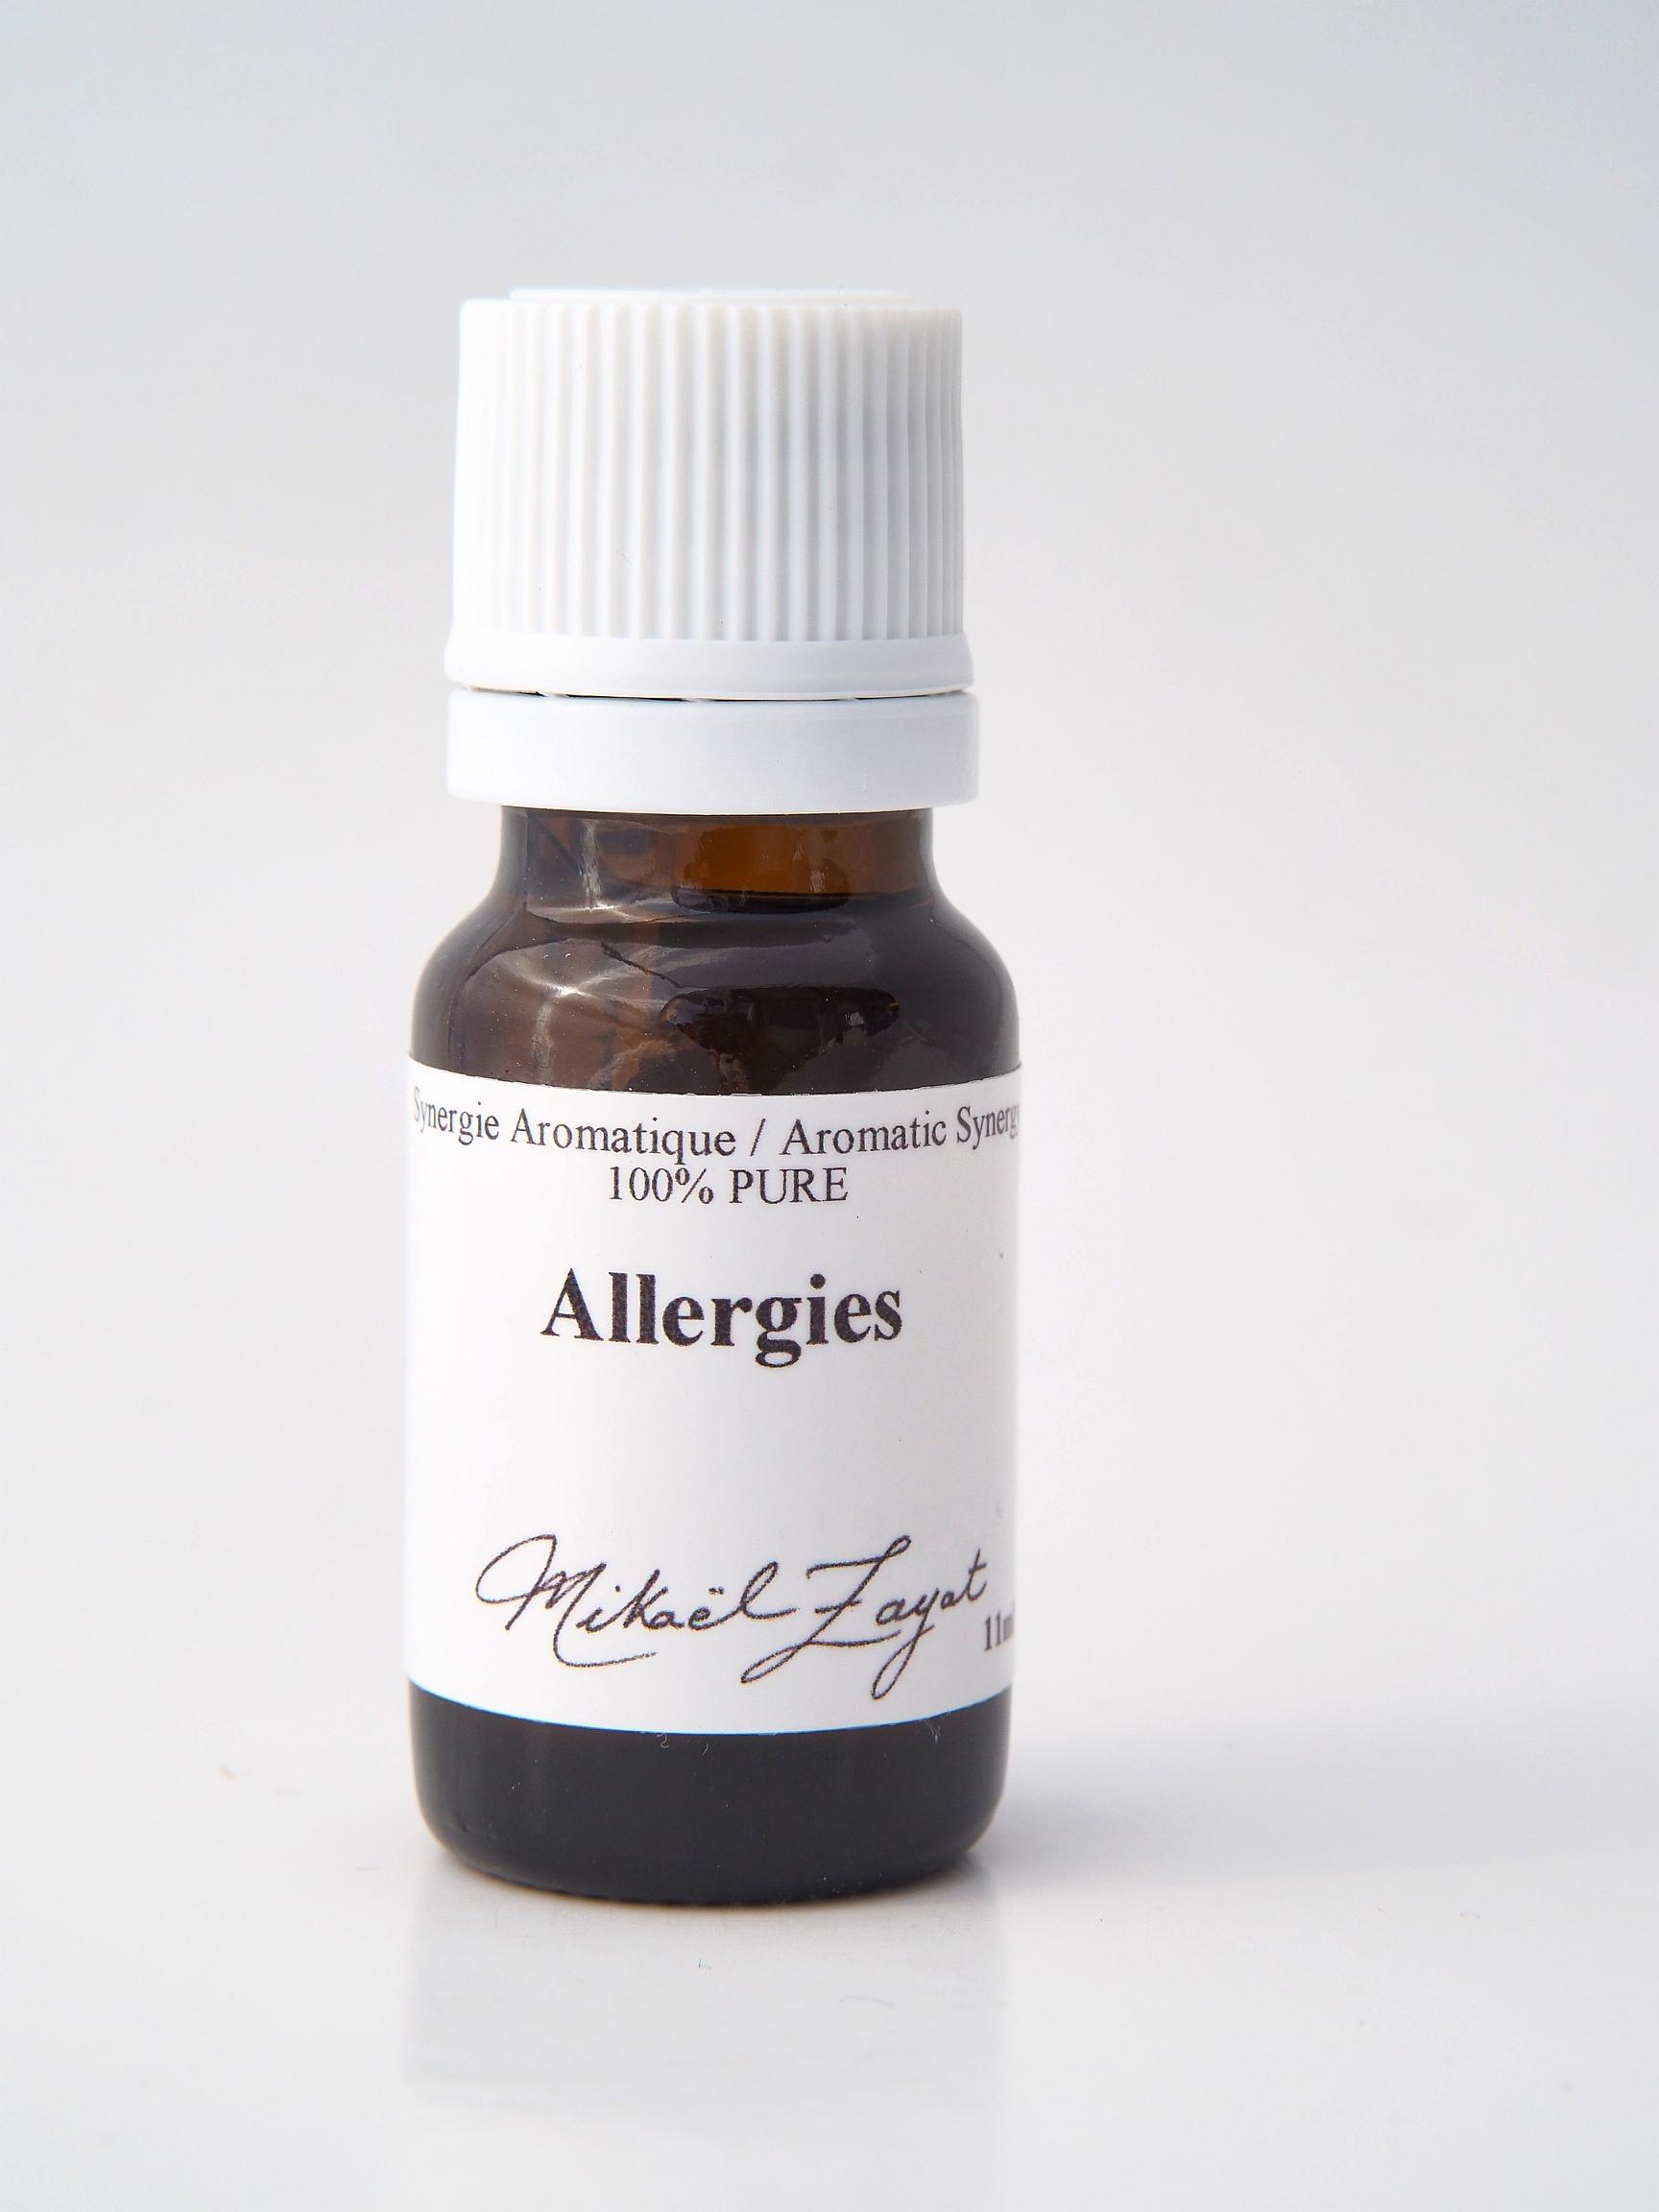 Allergie allergies